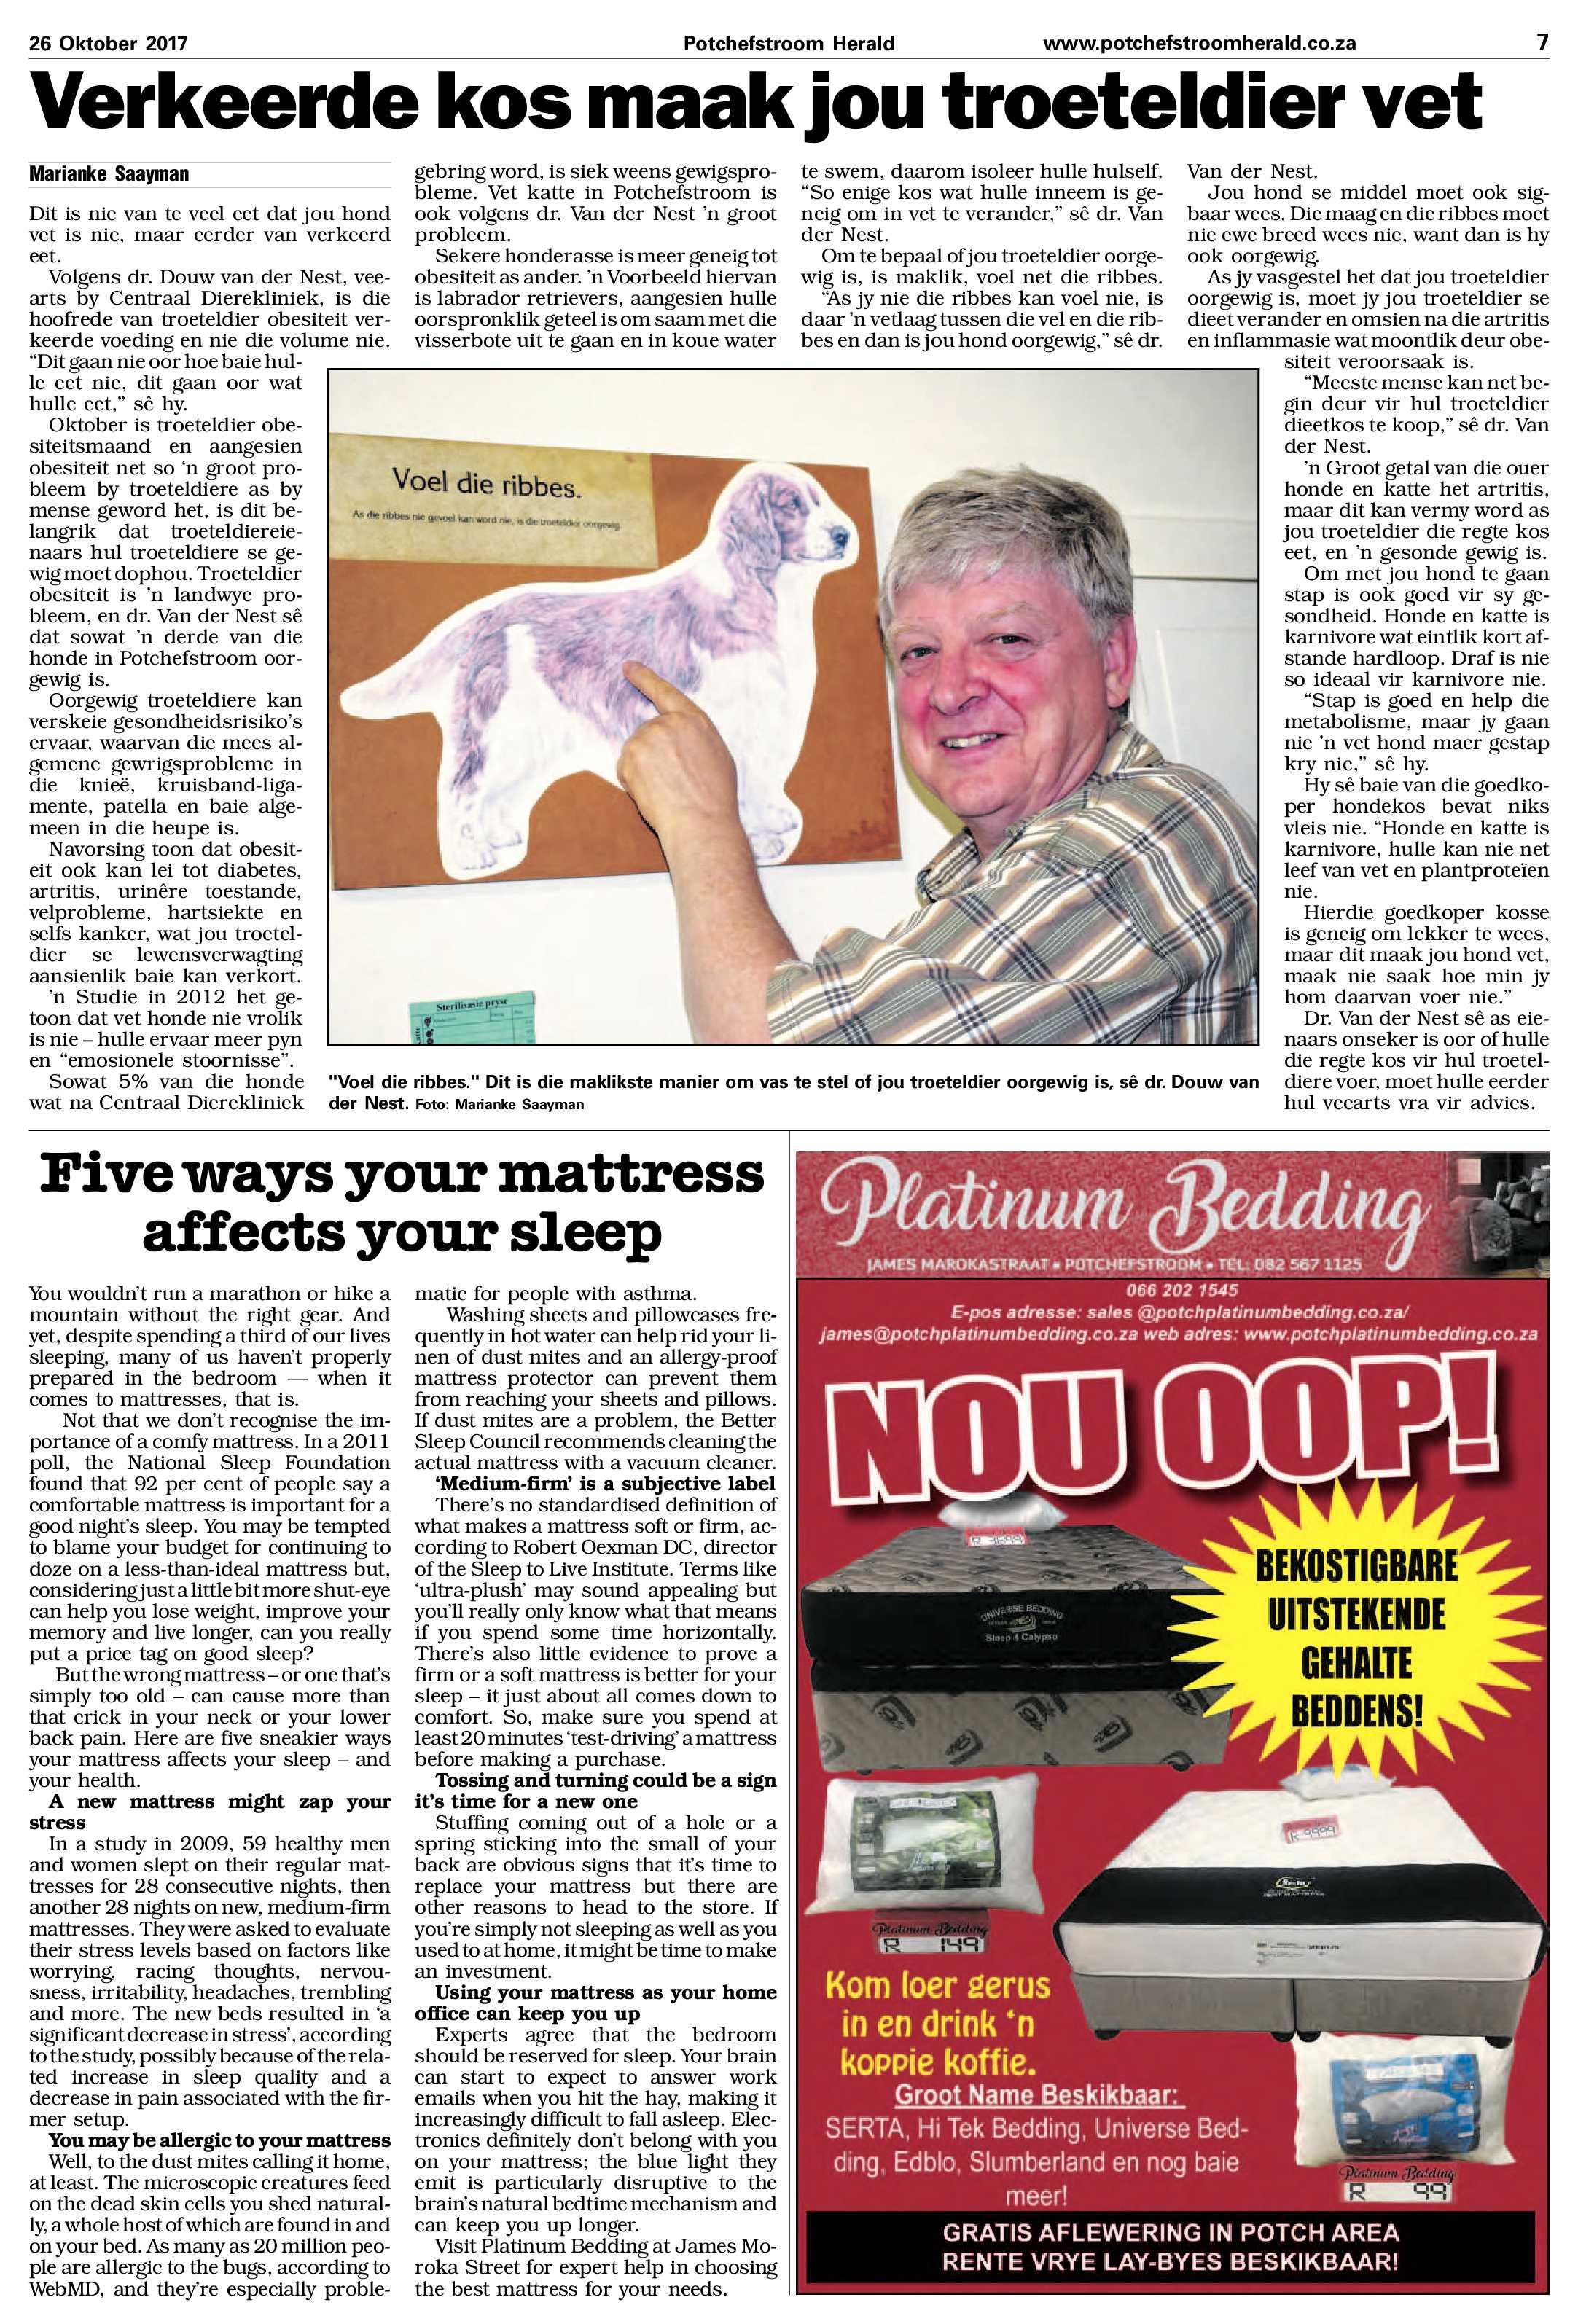 26-oktober-2017-epapers-page-7